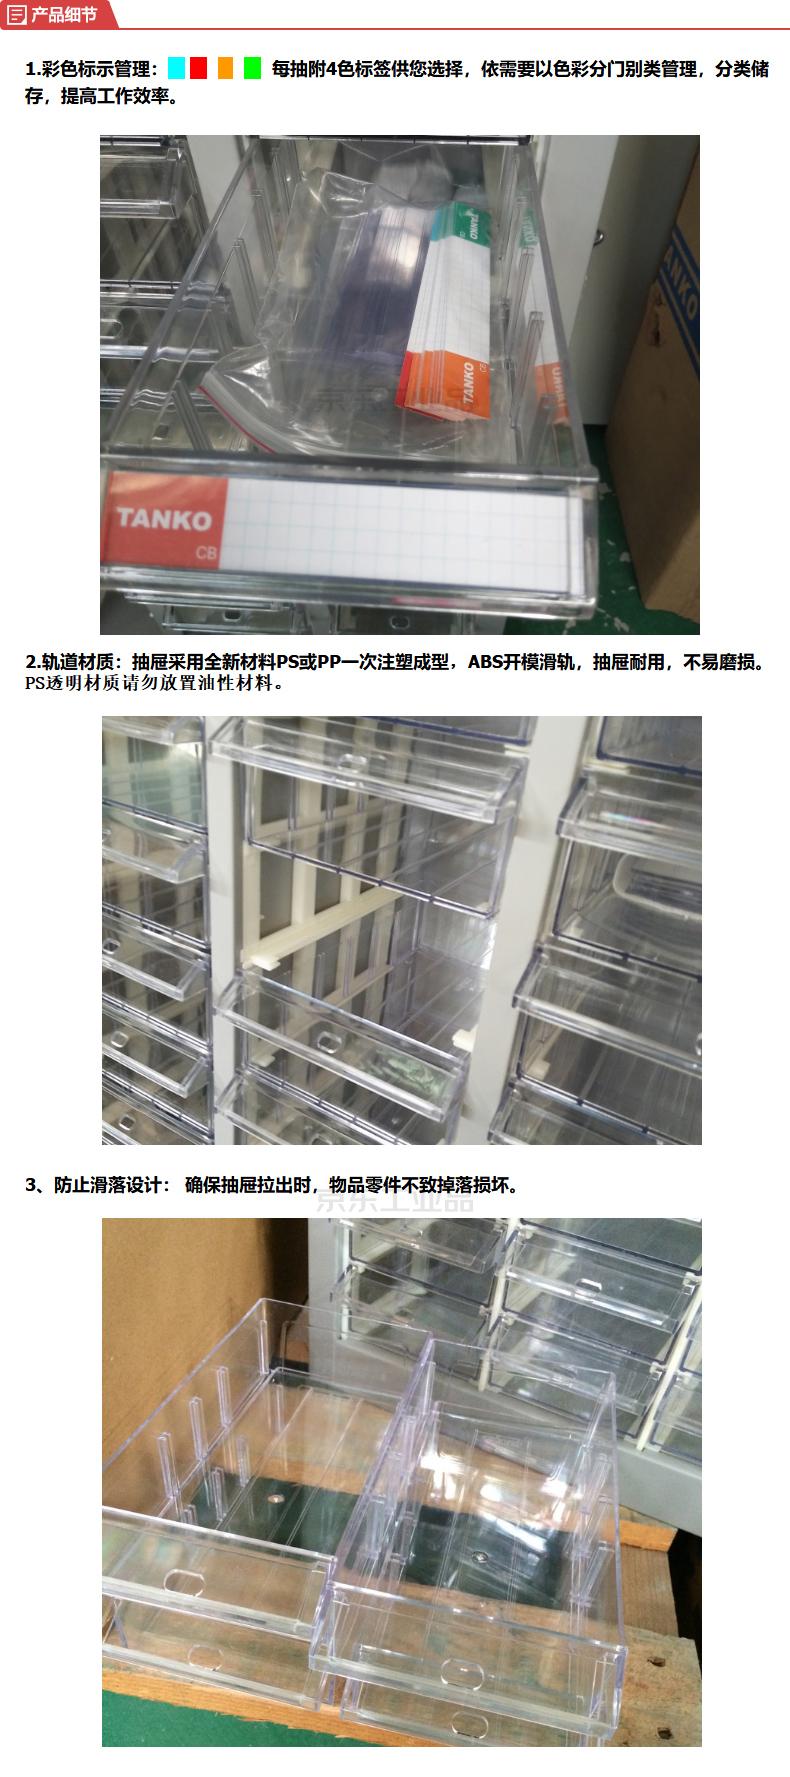 天钢(Tanko) 开放型零件箱;CBH-324